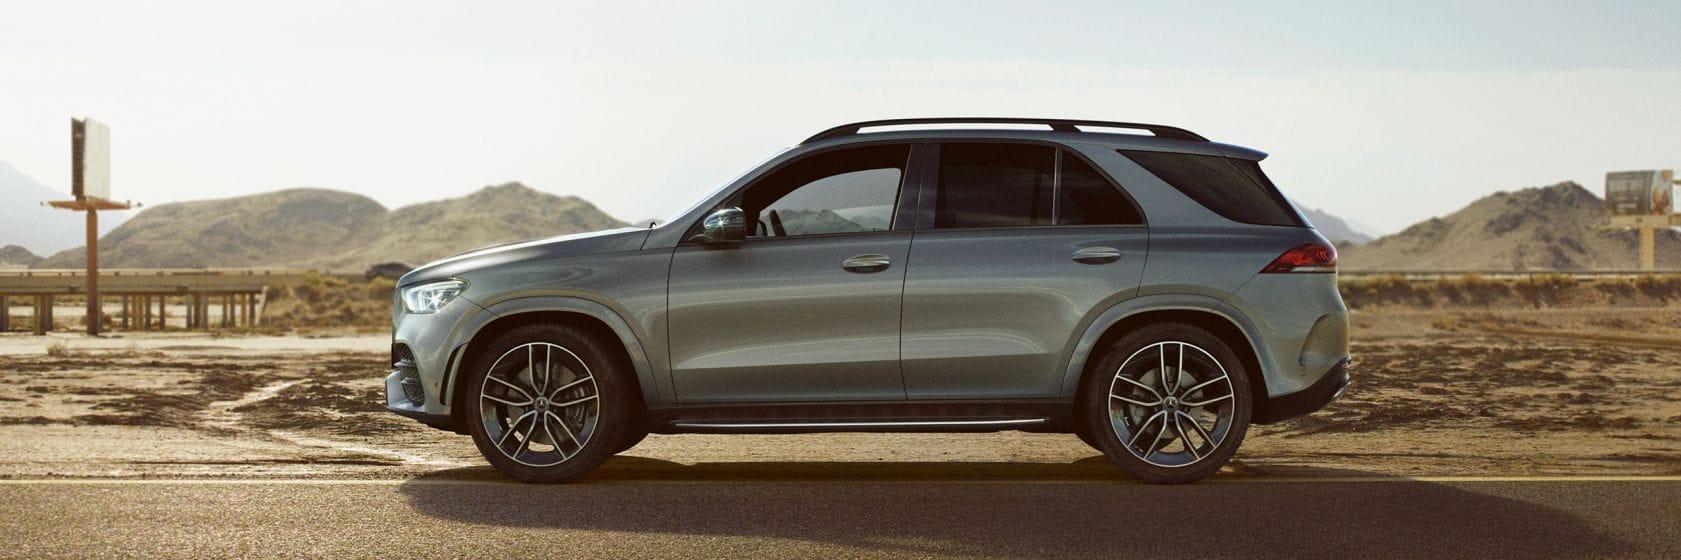 Унікальна пропозиція на нові моделі Mercedes-Benz GLE